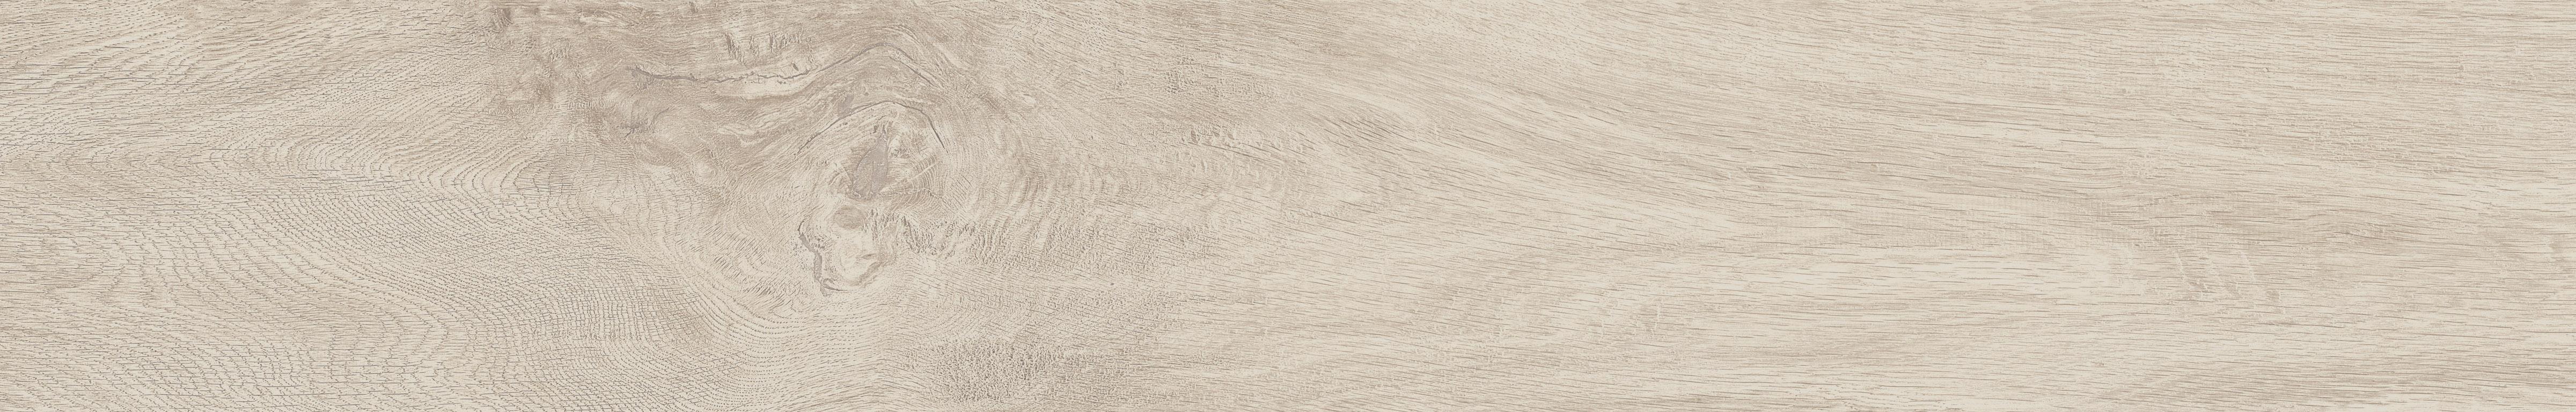 Плитка Allwood Bianco (zzxwu1r) изображение 16